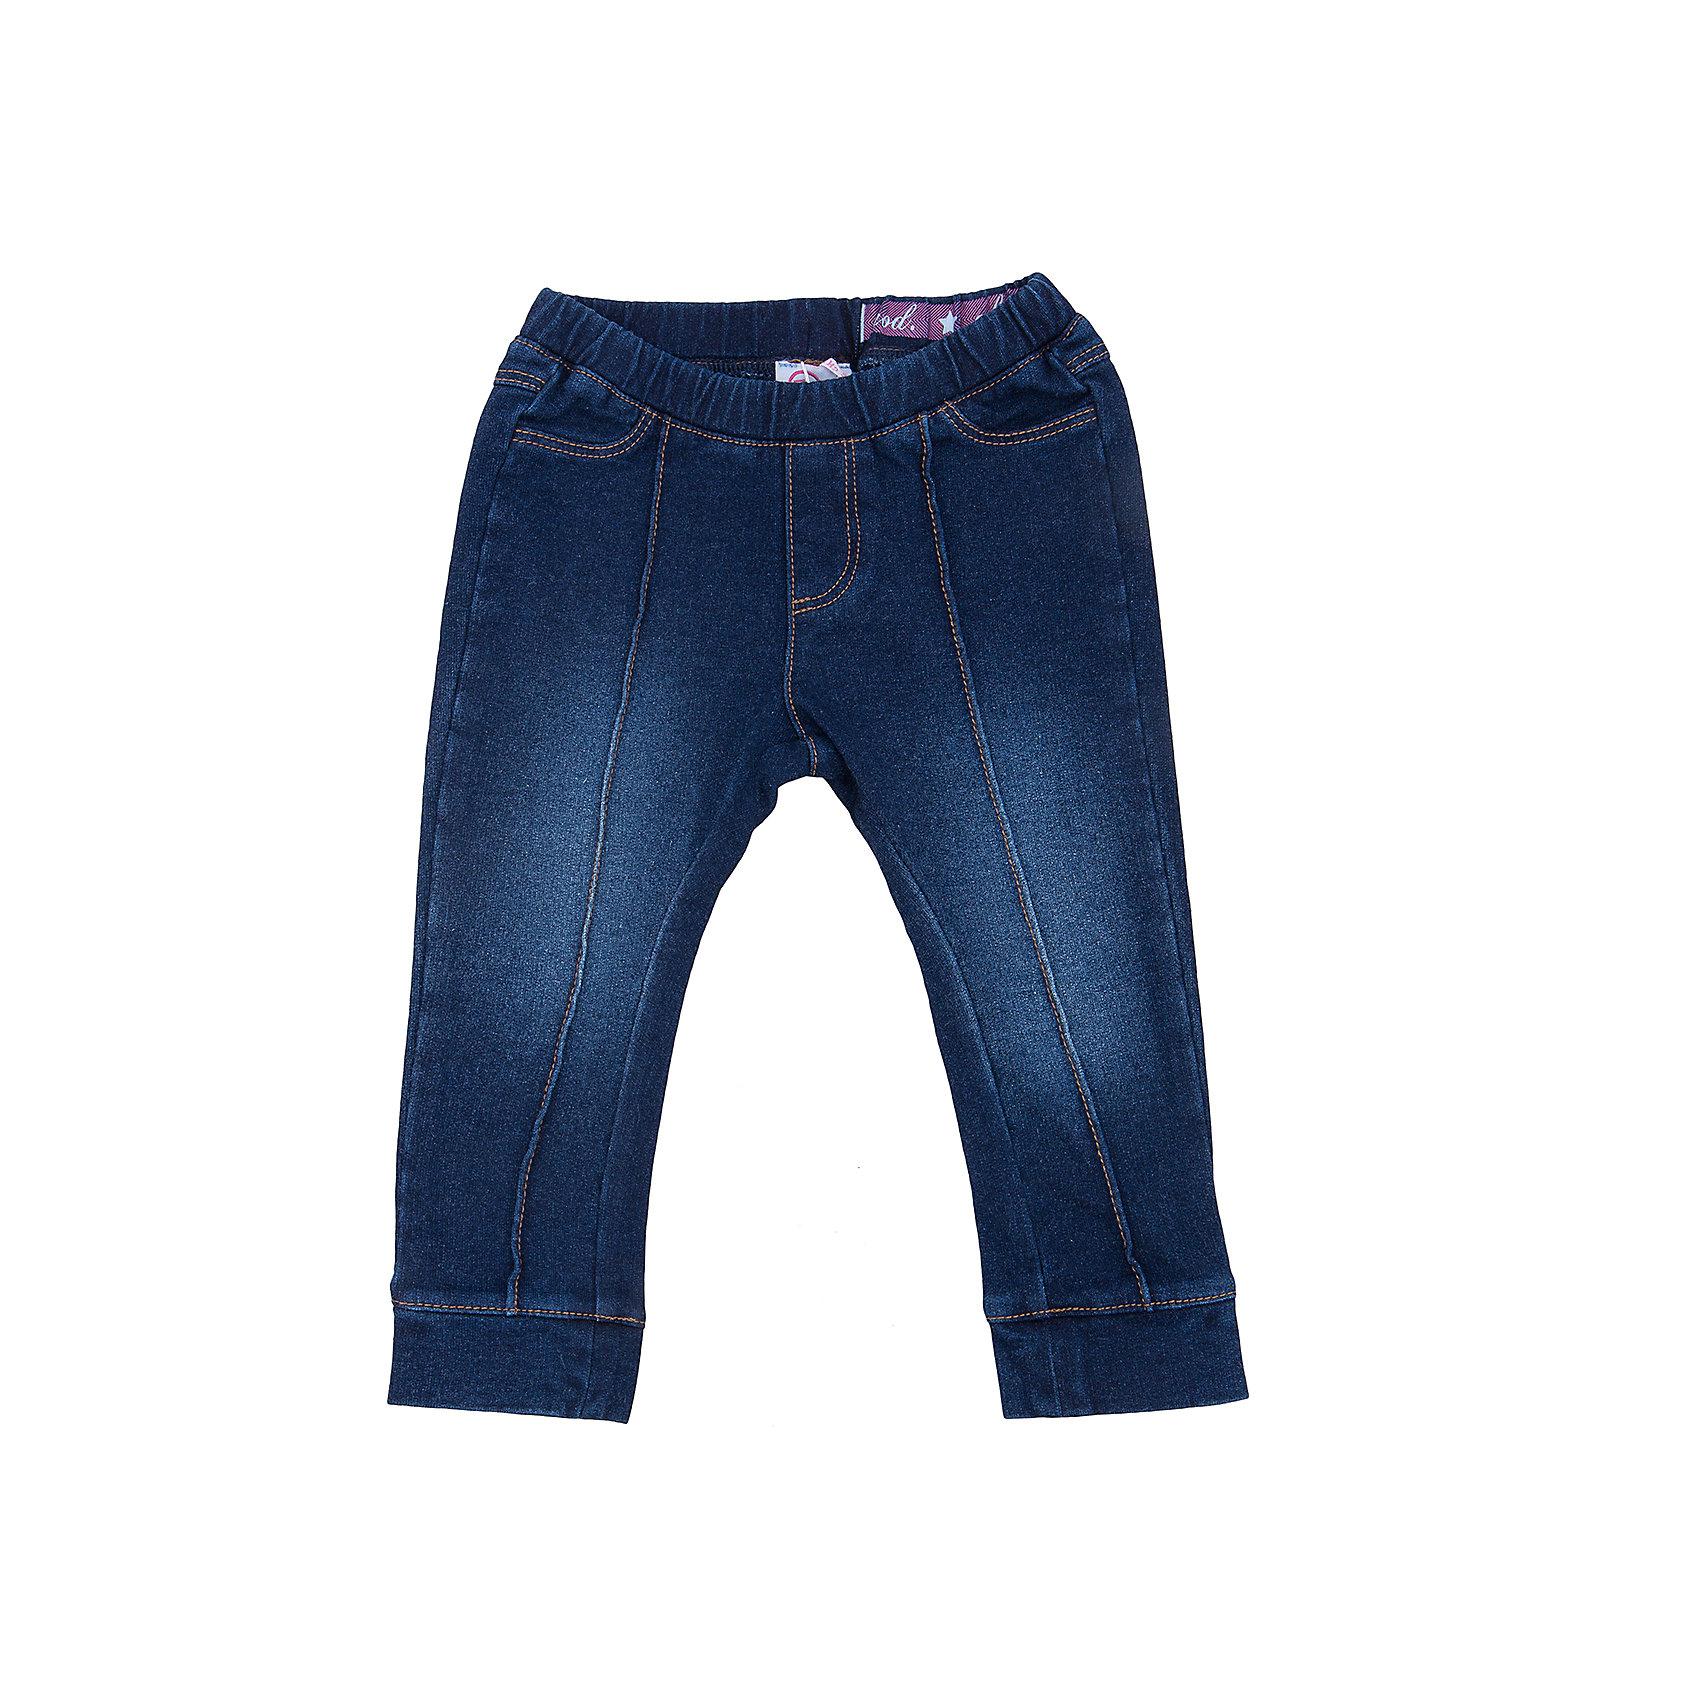 Брюки CHICCO для девочкиБрюки CHICCO для девочки<br><br>Характеристики:<br><br>Фактура материала: джинсовый трикотаж<br>Особенности брюк: зауженные<br>Тип брюк: на резинке<br>Тип карманов: без карманов<br>Вид отделки: контрастная строчка<br><br>Состав: 86% хлопок, 10% полиэстер, 4% эластан<br><br>Брюки CHICCO для девочки можно купить в нашем интернет-магазине.<br><br>Ширина мм: 215<br>Глубина мм: 88<br>Высота мм: 191<br>Вес г: 336<br>Цвет: полуночно-синий<br>Возраст от месяцев: 84<br>Возраст до месяцев: 96<br>Пол: Женский<br>Возраст: Детский<br>Размер: 128,92,74,80,86,98,104,110,116,122<br>SKU: 5082650